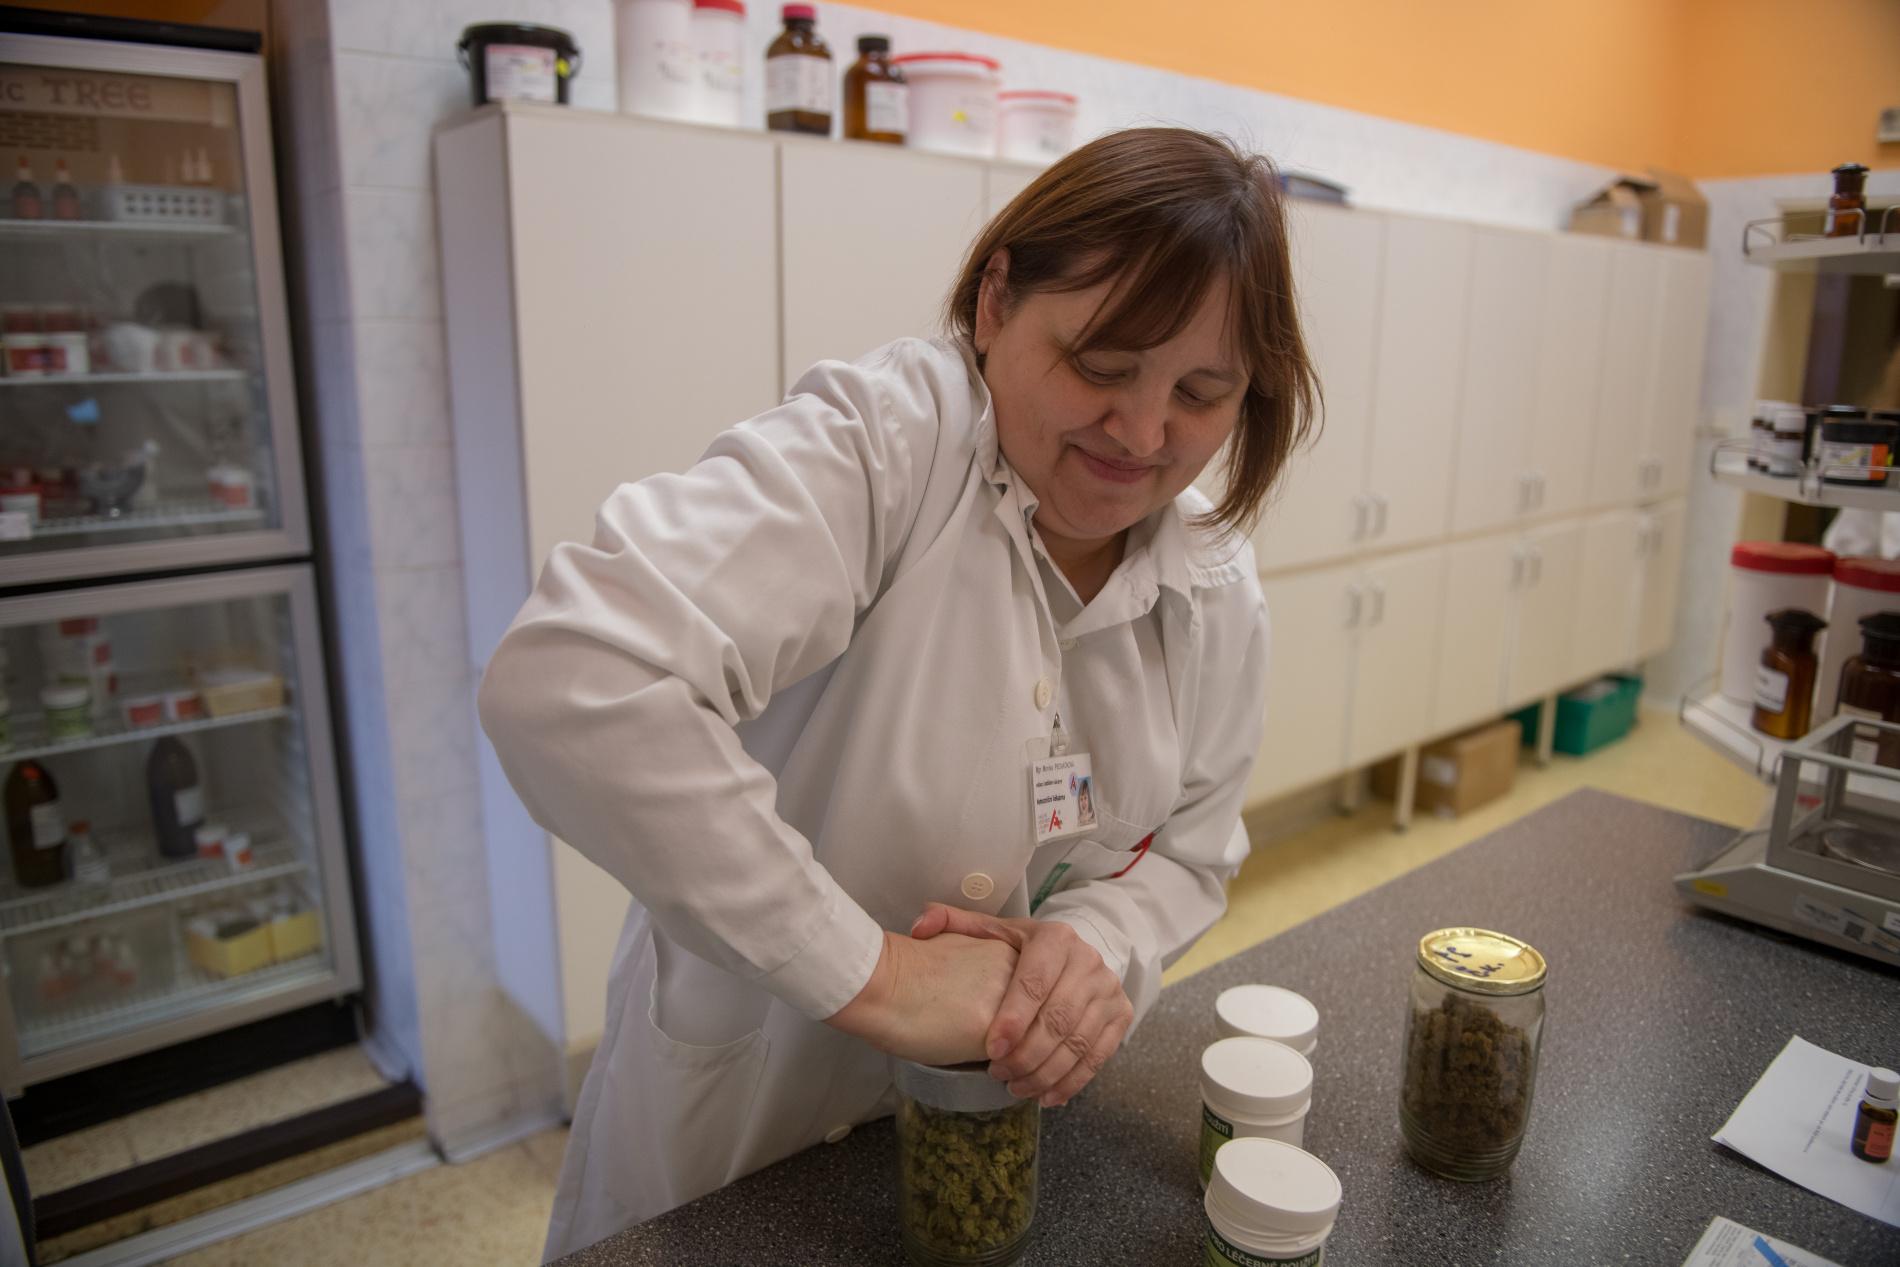 Vedoucí lékárny Mgr. Monika Pecháčková se chystá připravovat tobolky pro pacienty.